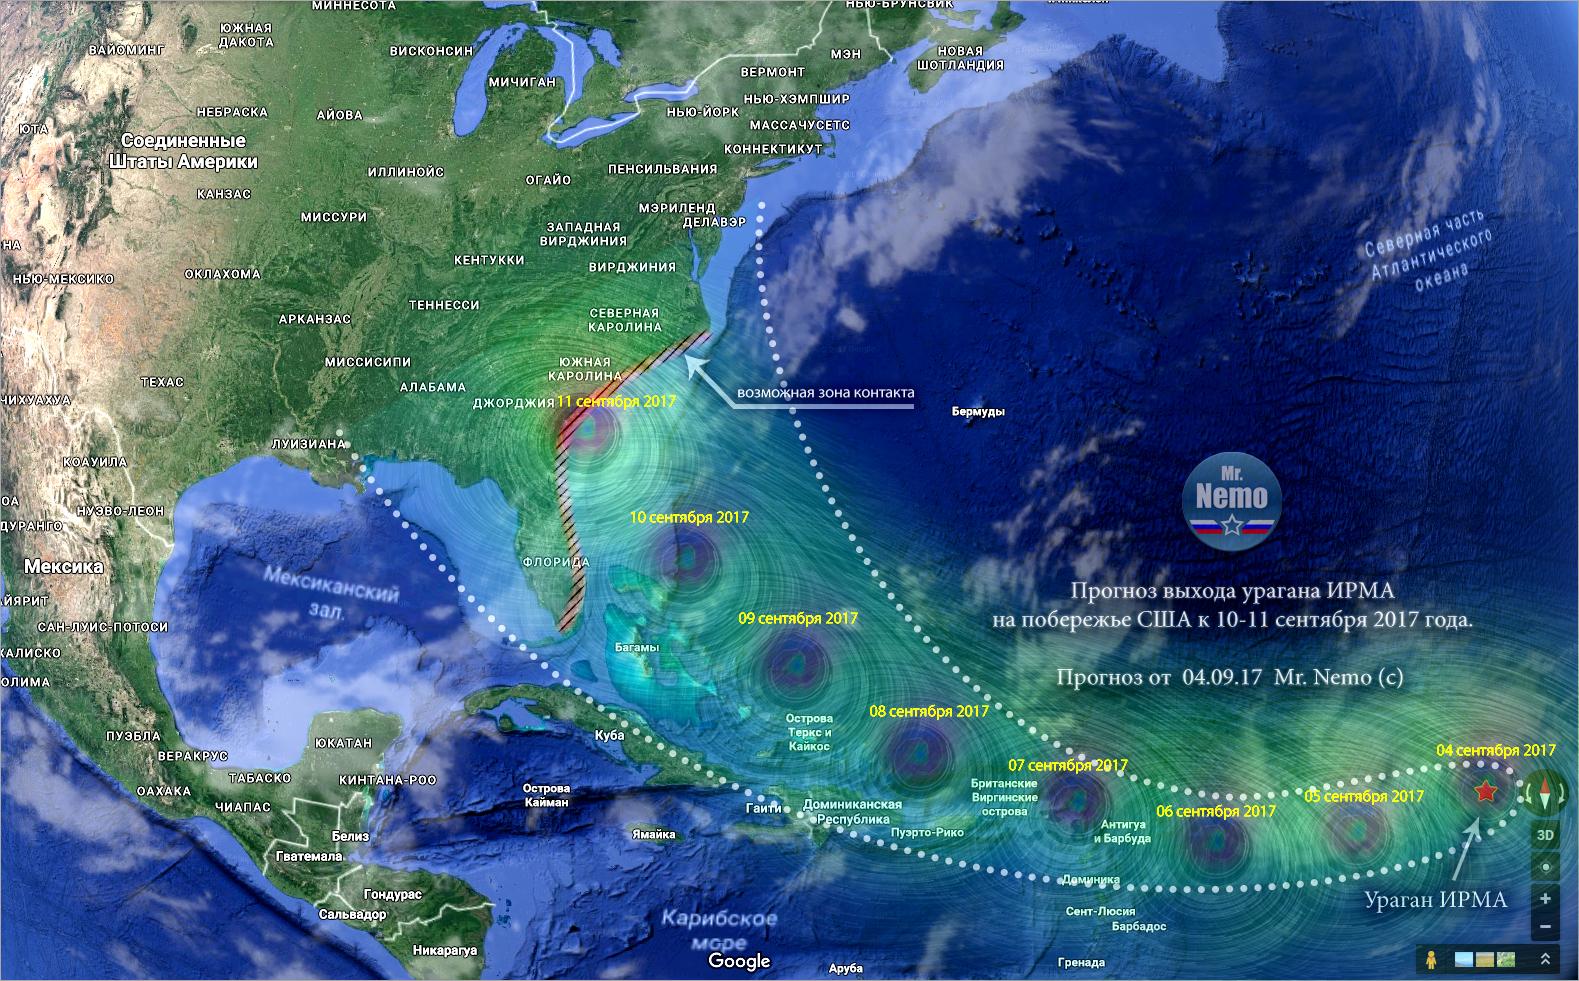 Прогноз расчетной траектории выхода сокрушительного урагана Ирма на восточн ...